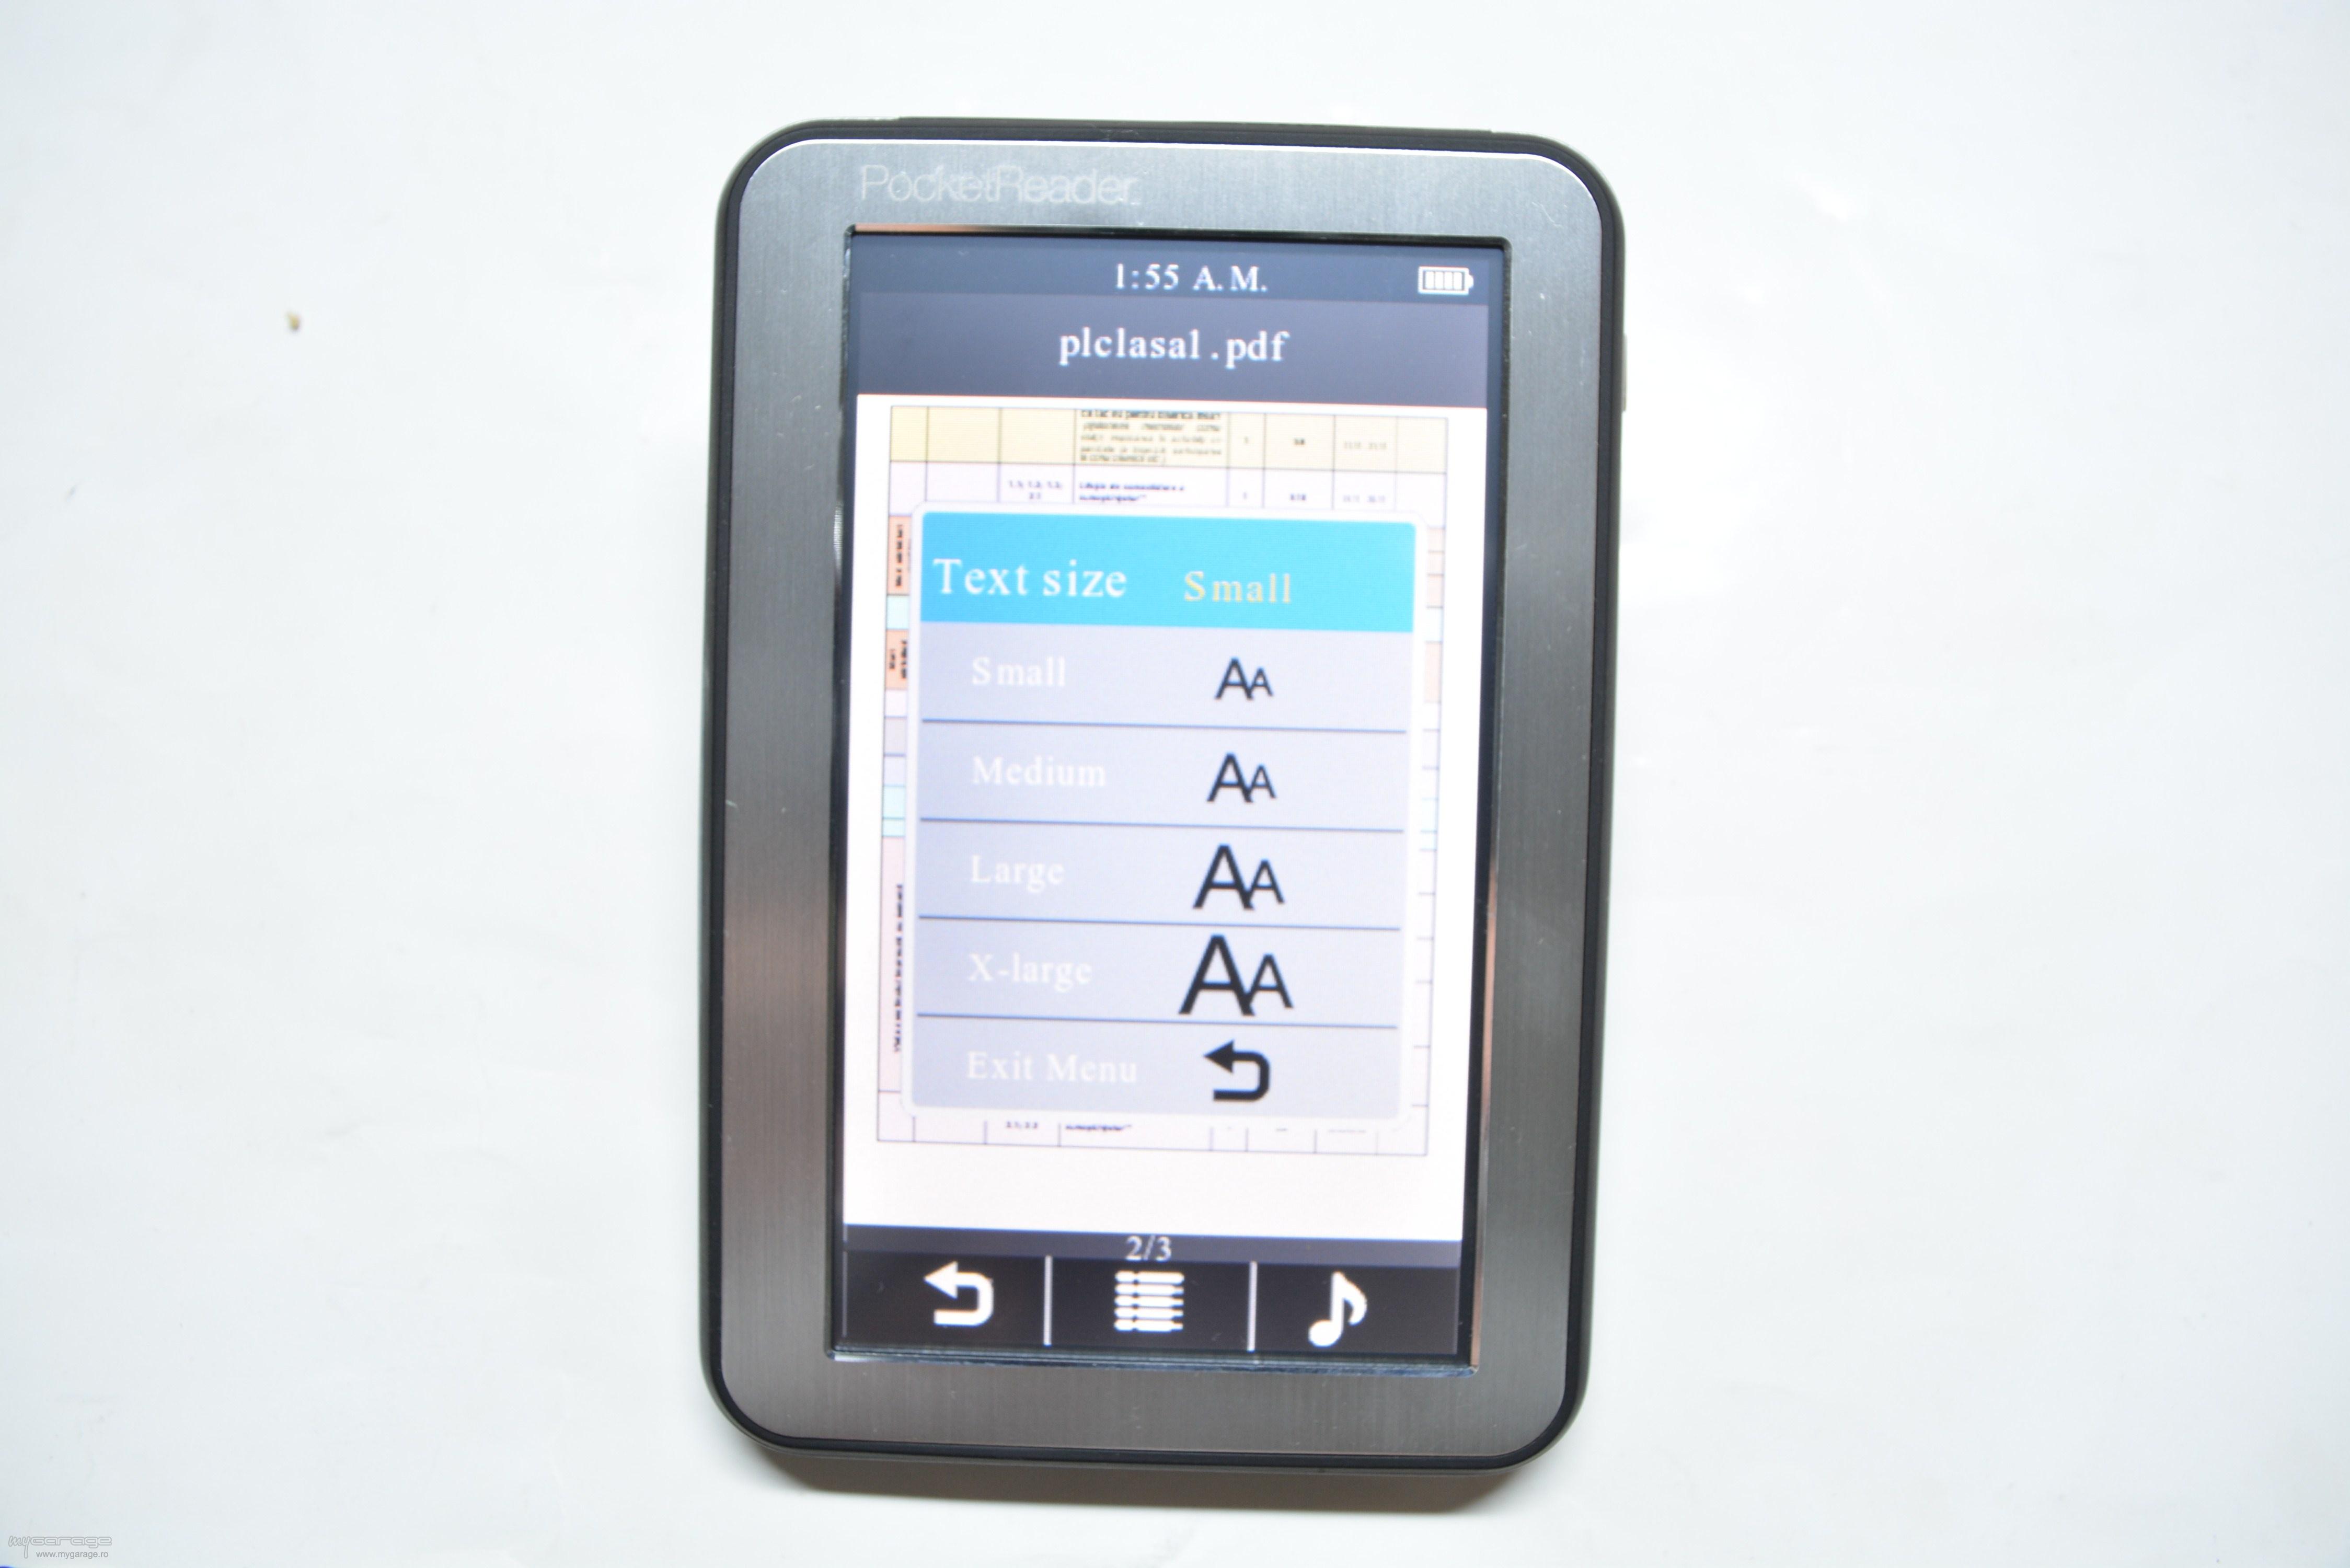 ebook Электропривод и системы управления бытовых машин